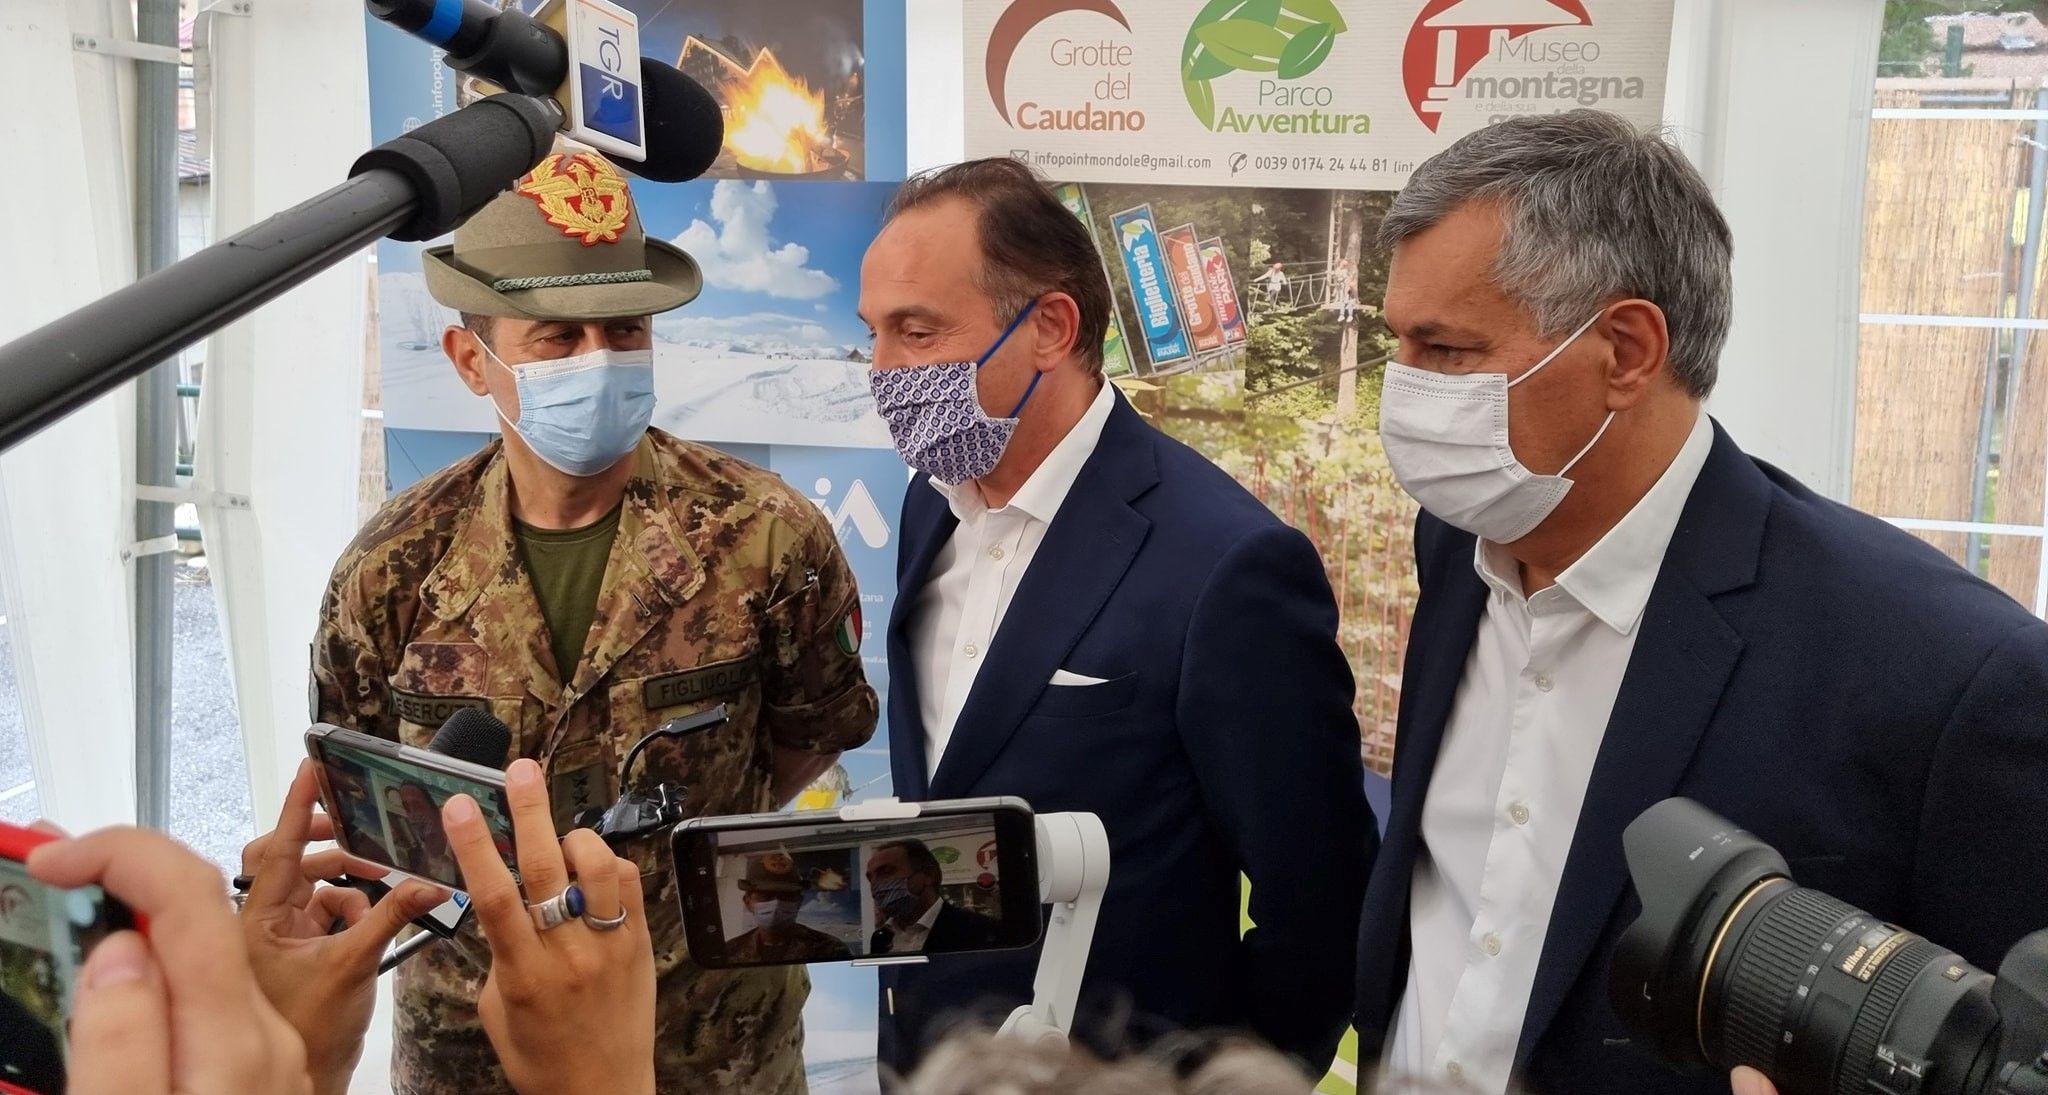 Vaccinazioni in Piemonte. Il generale Figliuolo ha presentato i dati